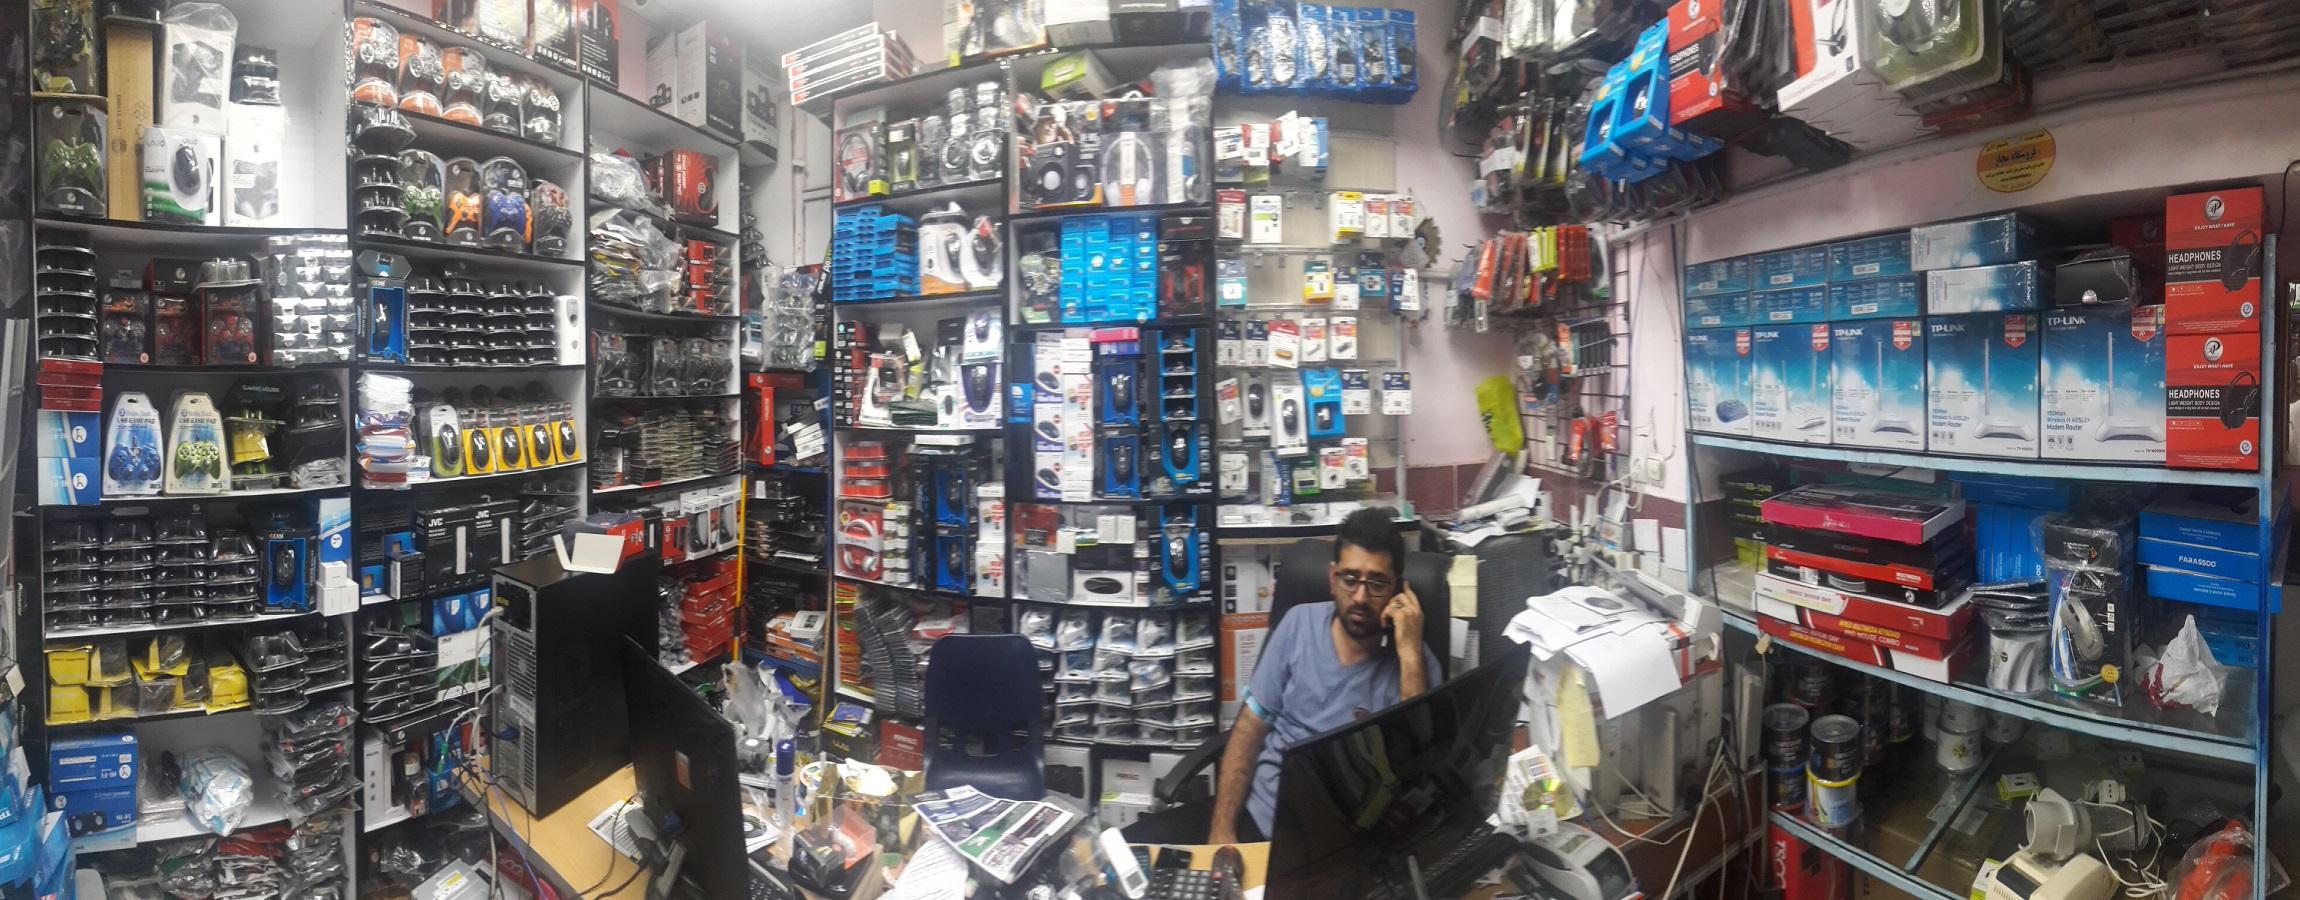 فروشگاه دنیای کامپیوتر